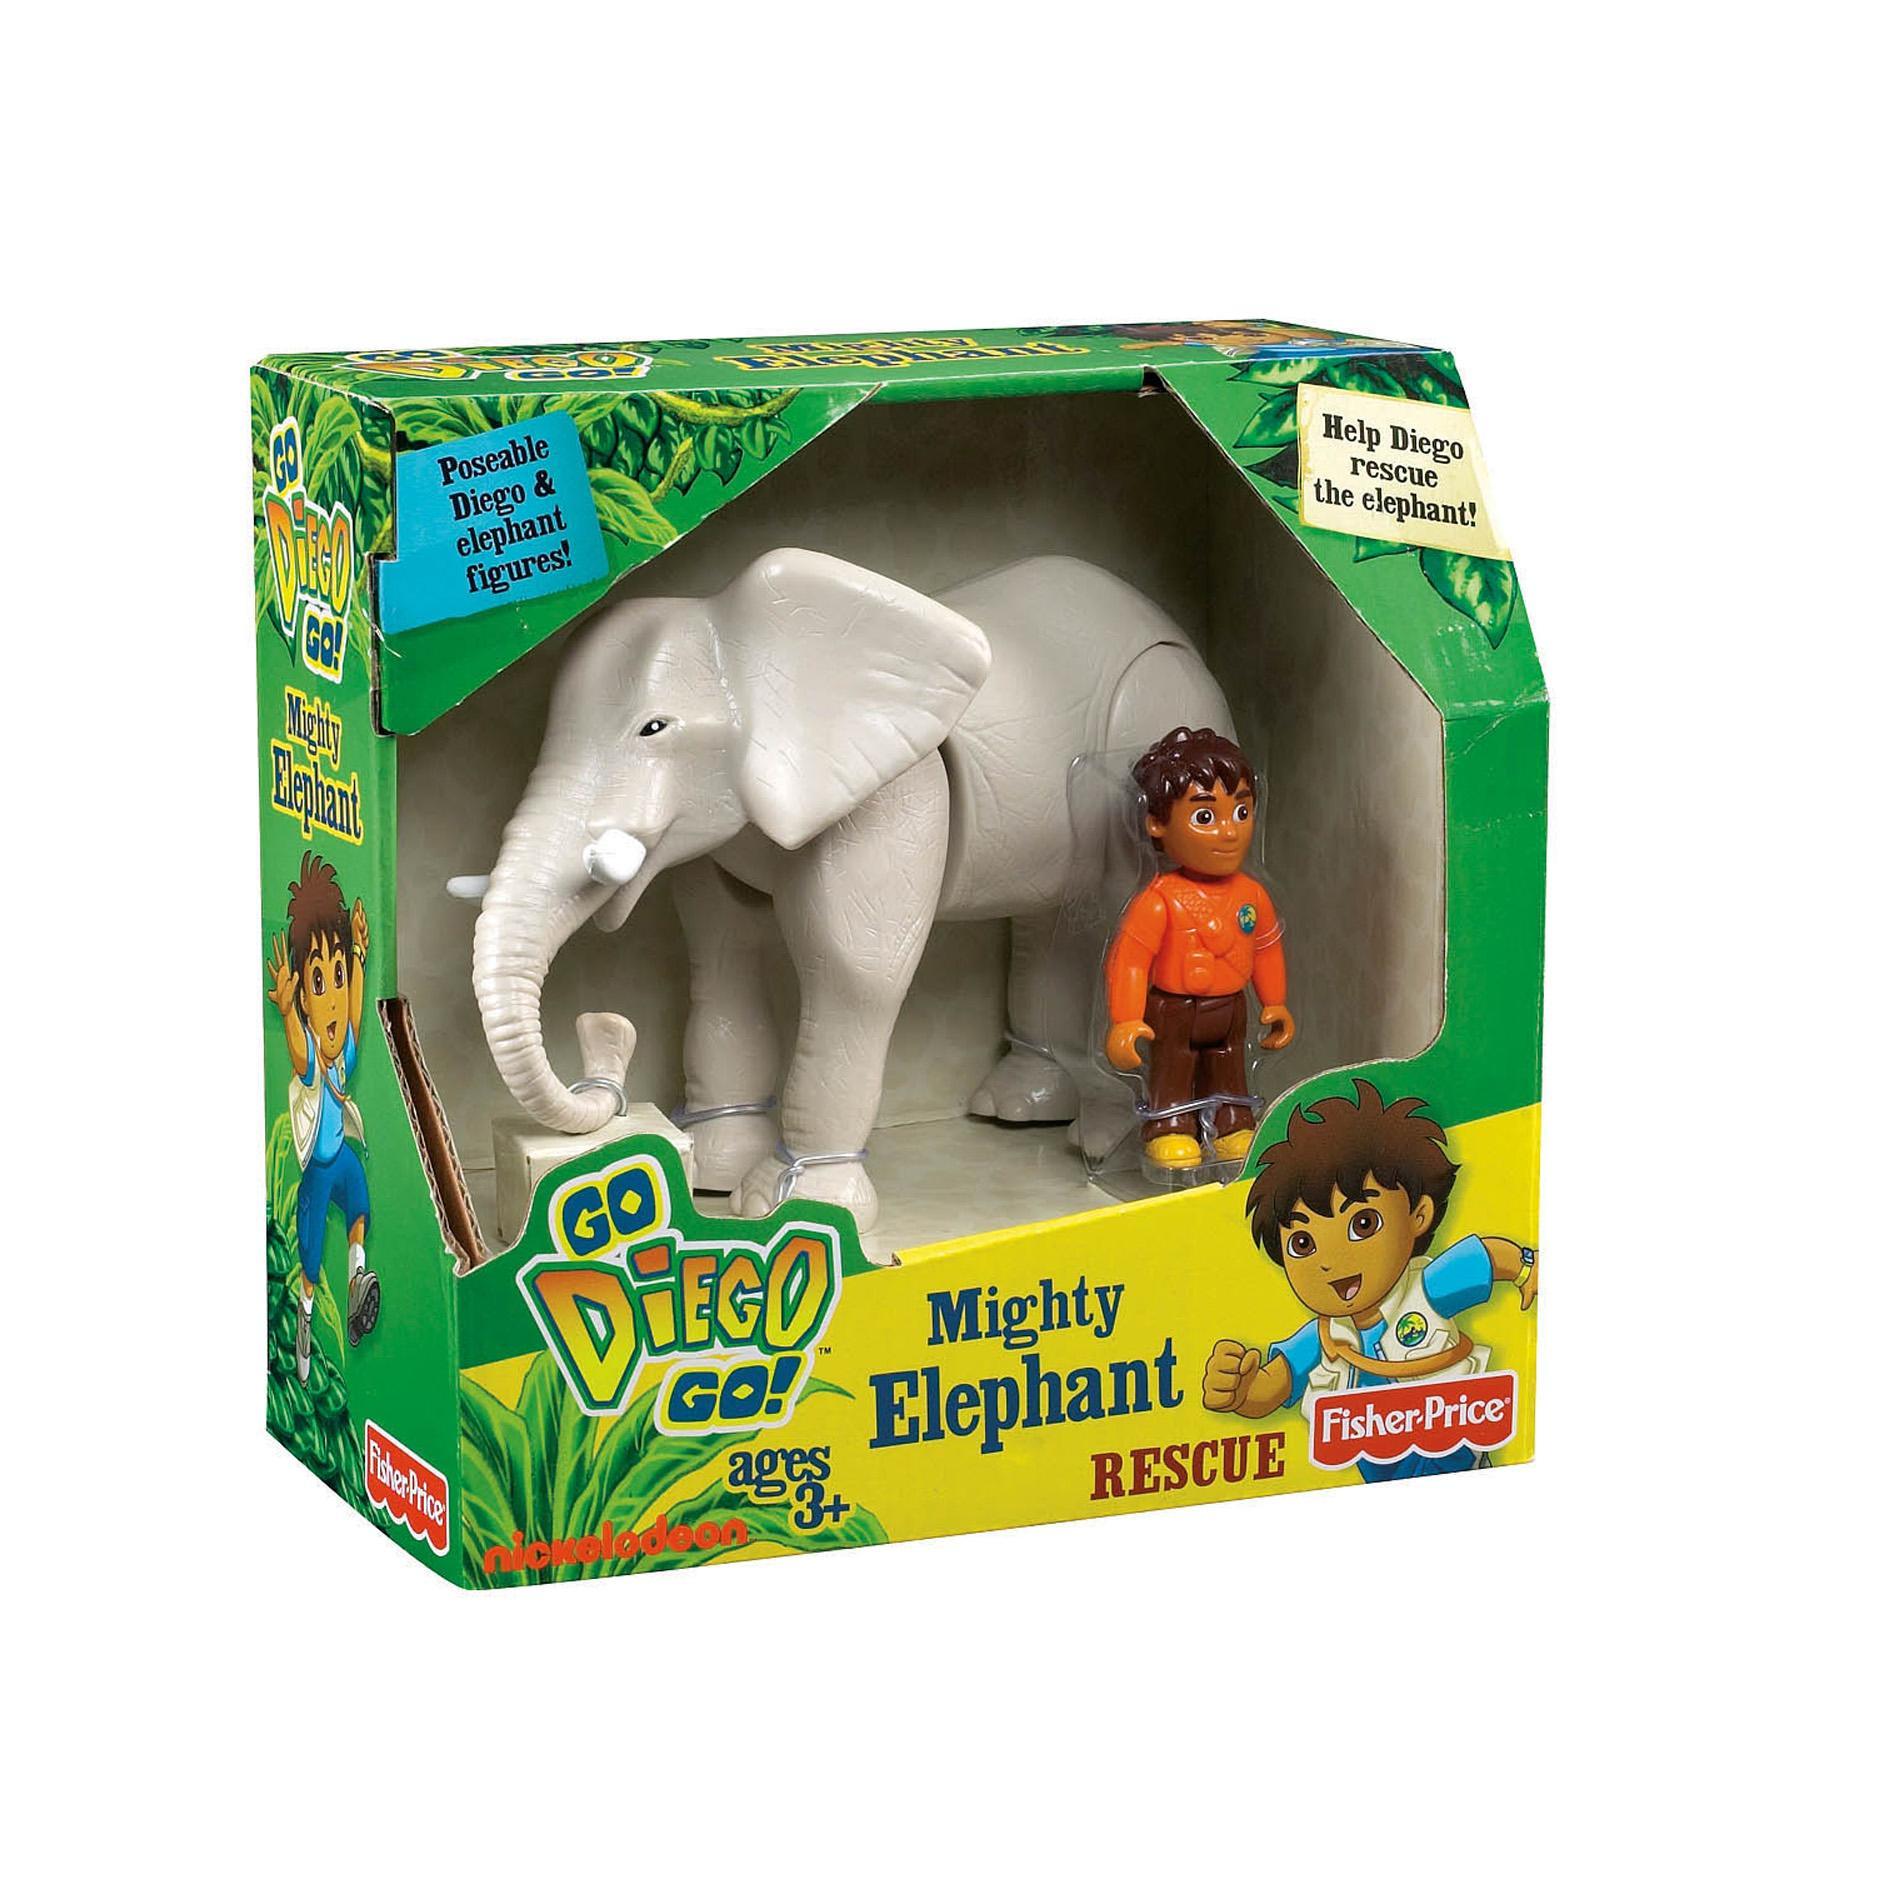 Fisher Price Go Diego Go Mighty Elephant Rescue Free